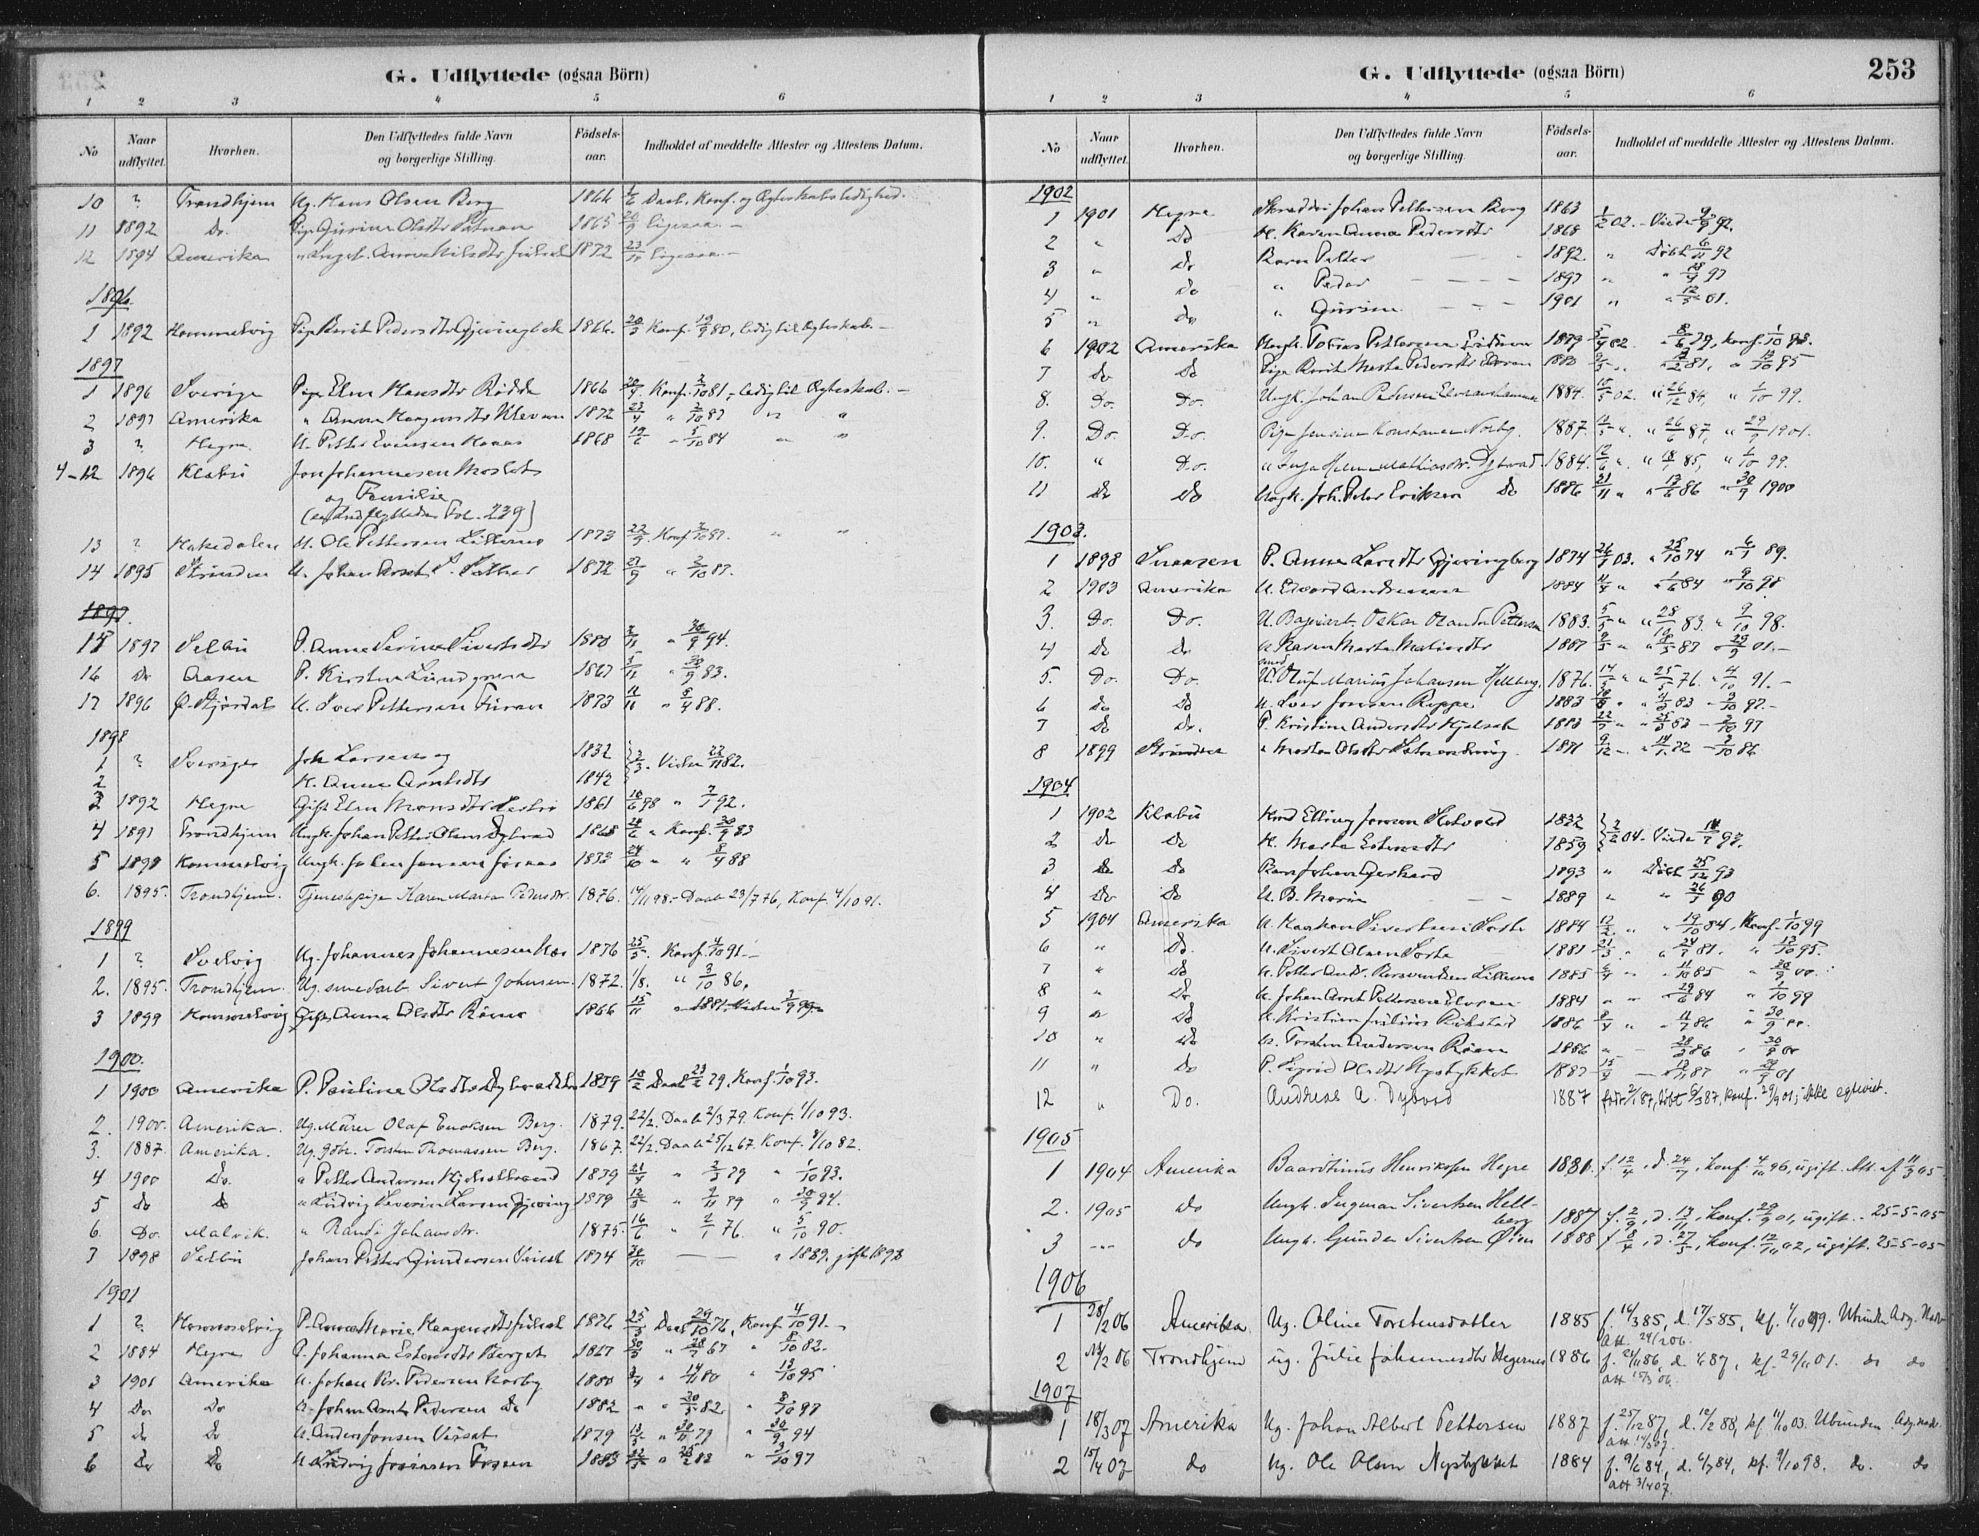 SAT, Ministerialprotokoller, klokkerbøker og fødselsregistre - Nord-Trøndelag, 710/L0095: Ministerialbok nr. 710A01, 1880-1914, s. 253